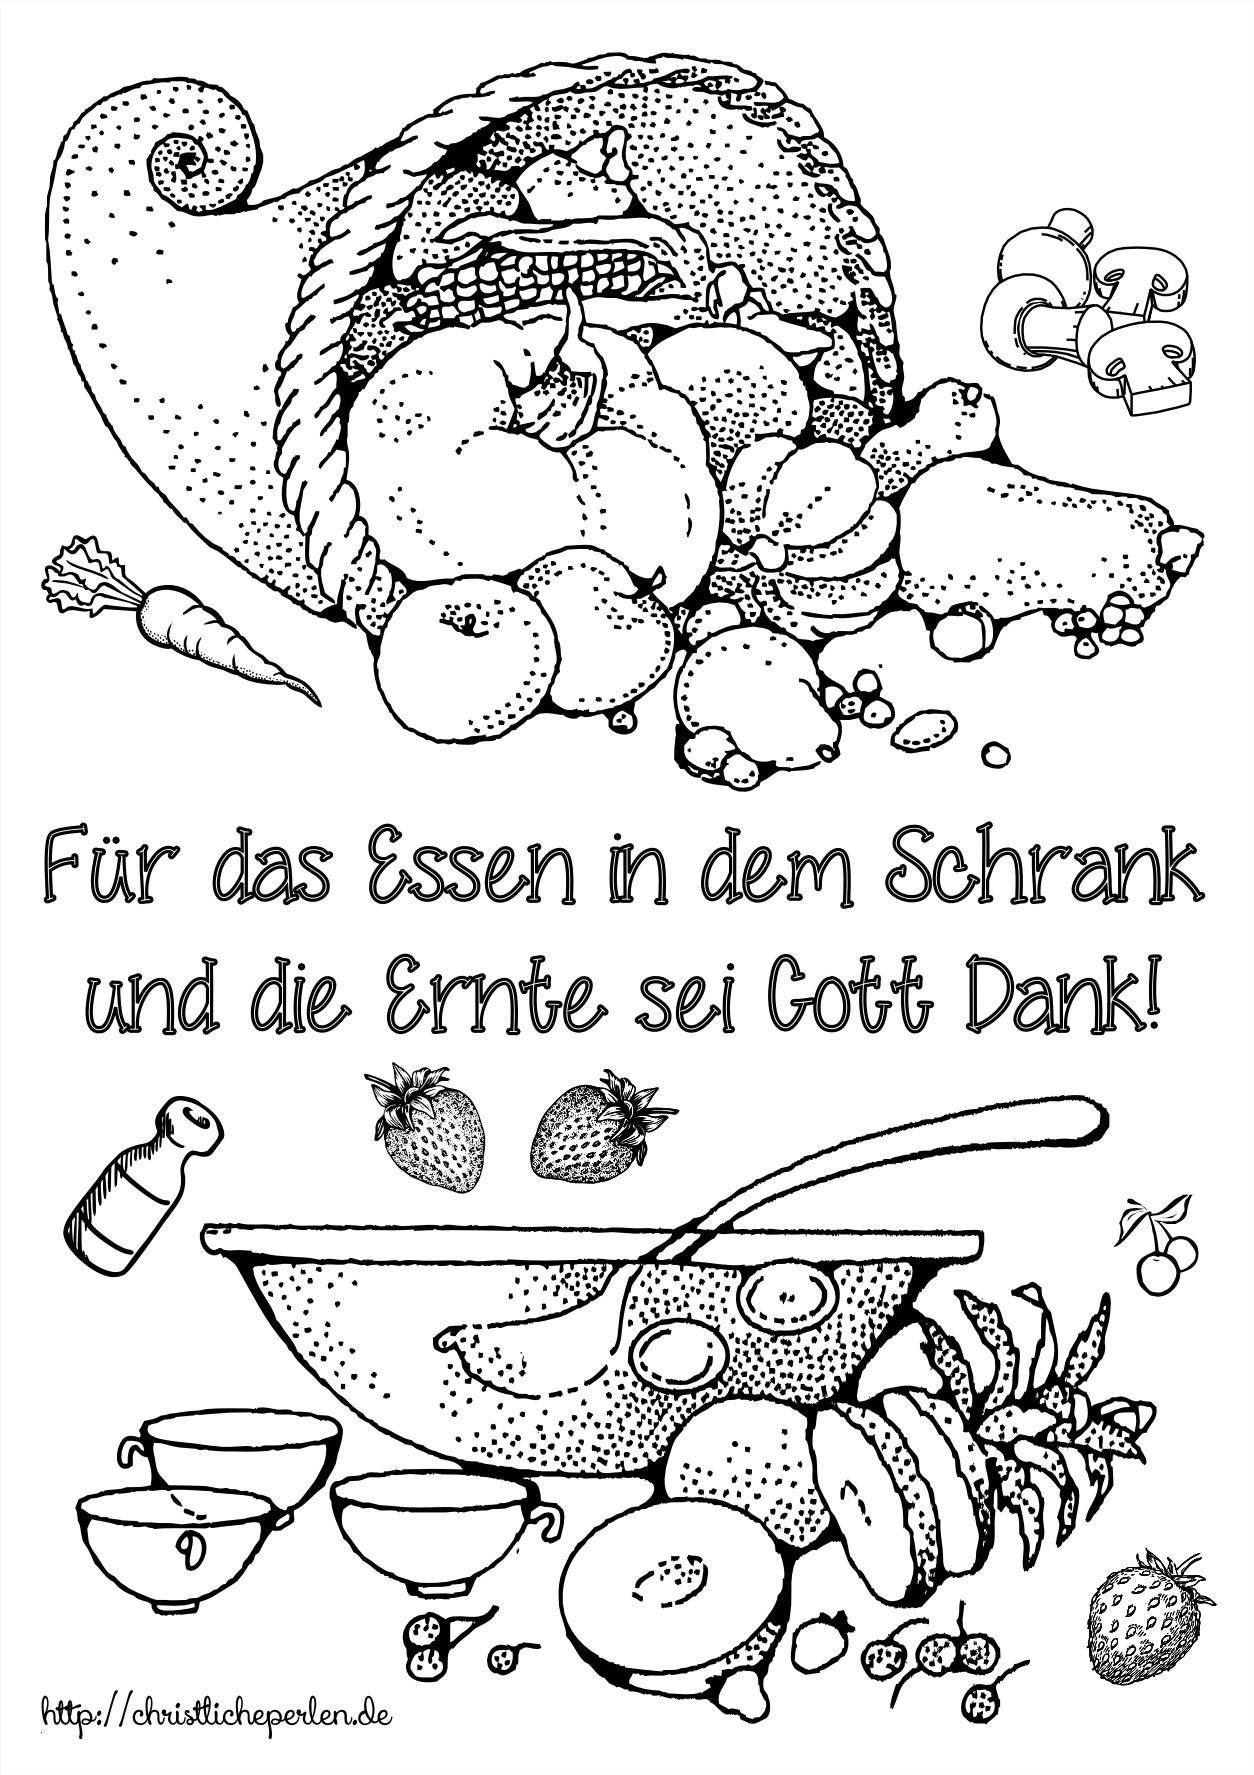 Malvorlagen Anna Und Elsa Zum Ausdrucken Frisch Malvorlagen Anna Und Elsa Zum Ausdrucken Neu Malvorlagen Igel Best Bilder